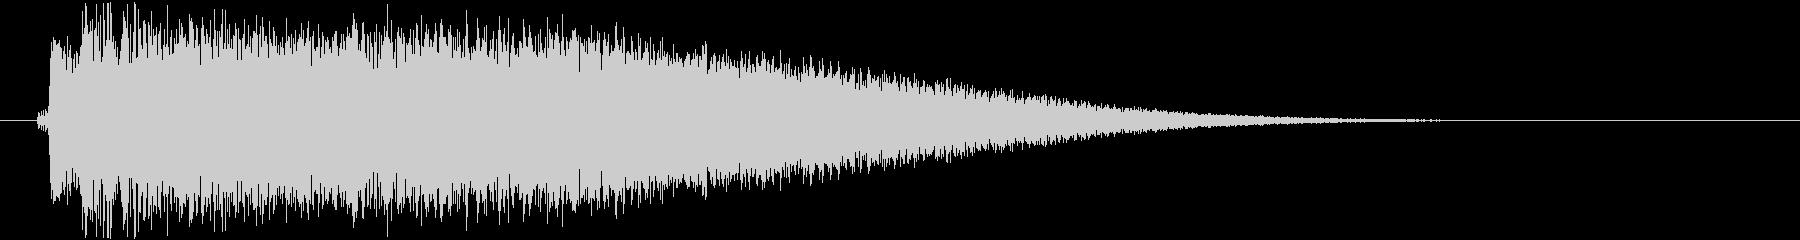 ギュイン(ロボット、起動、動き出す)の未再生の波形